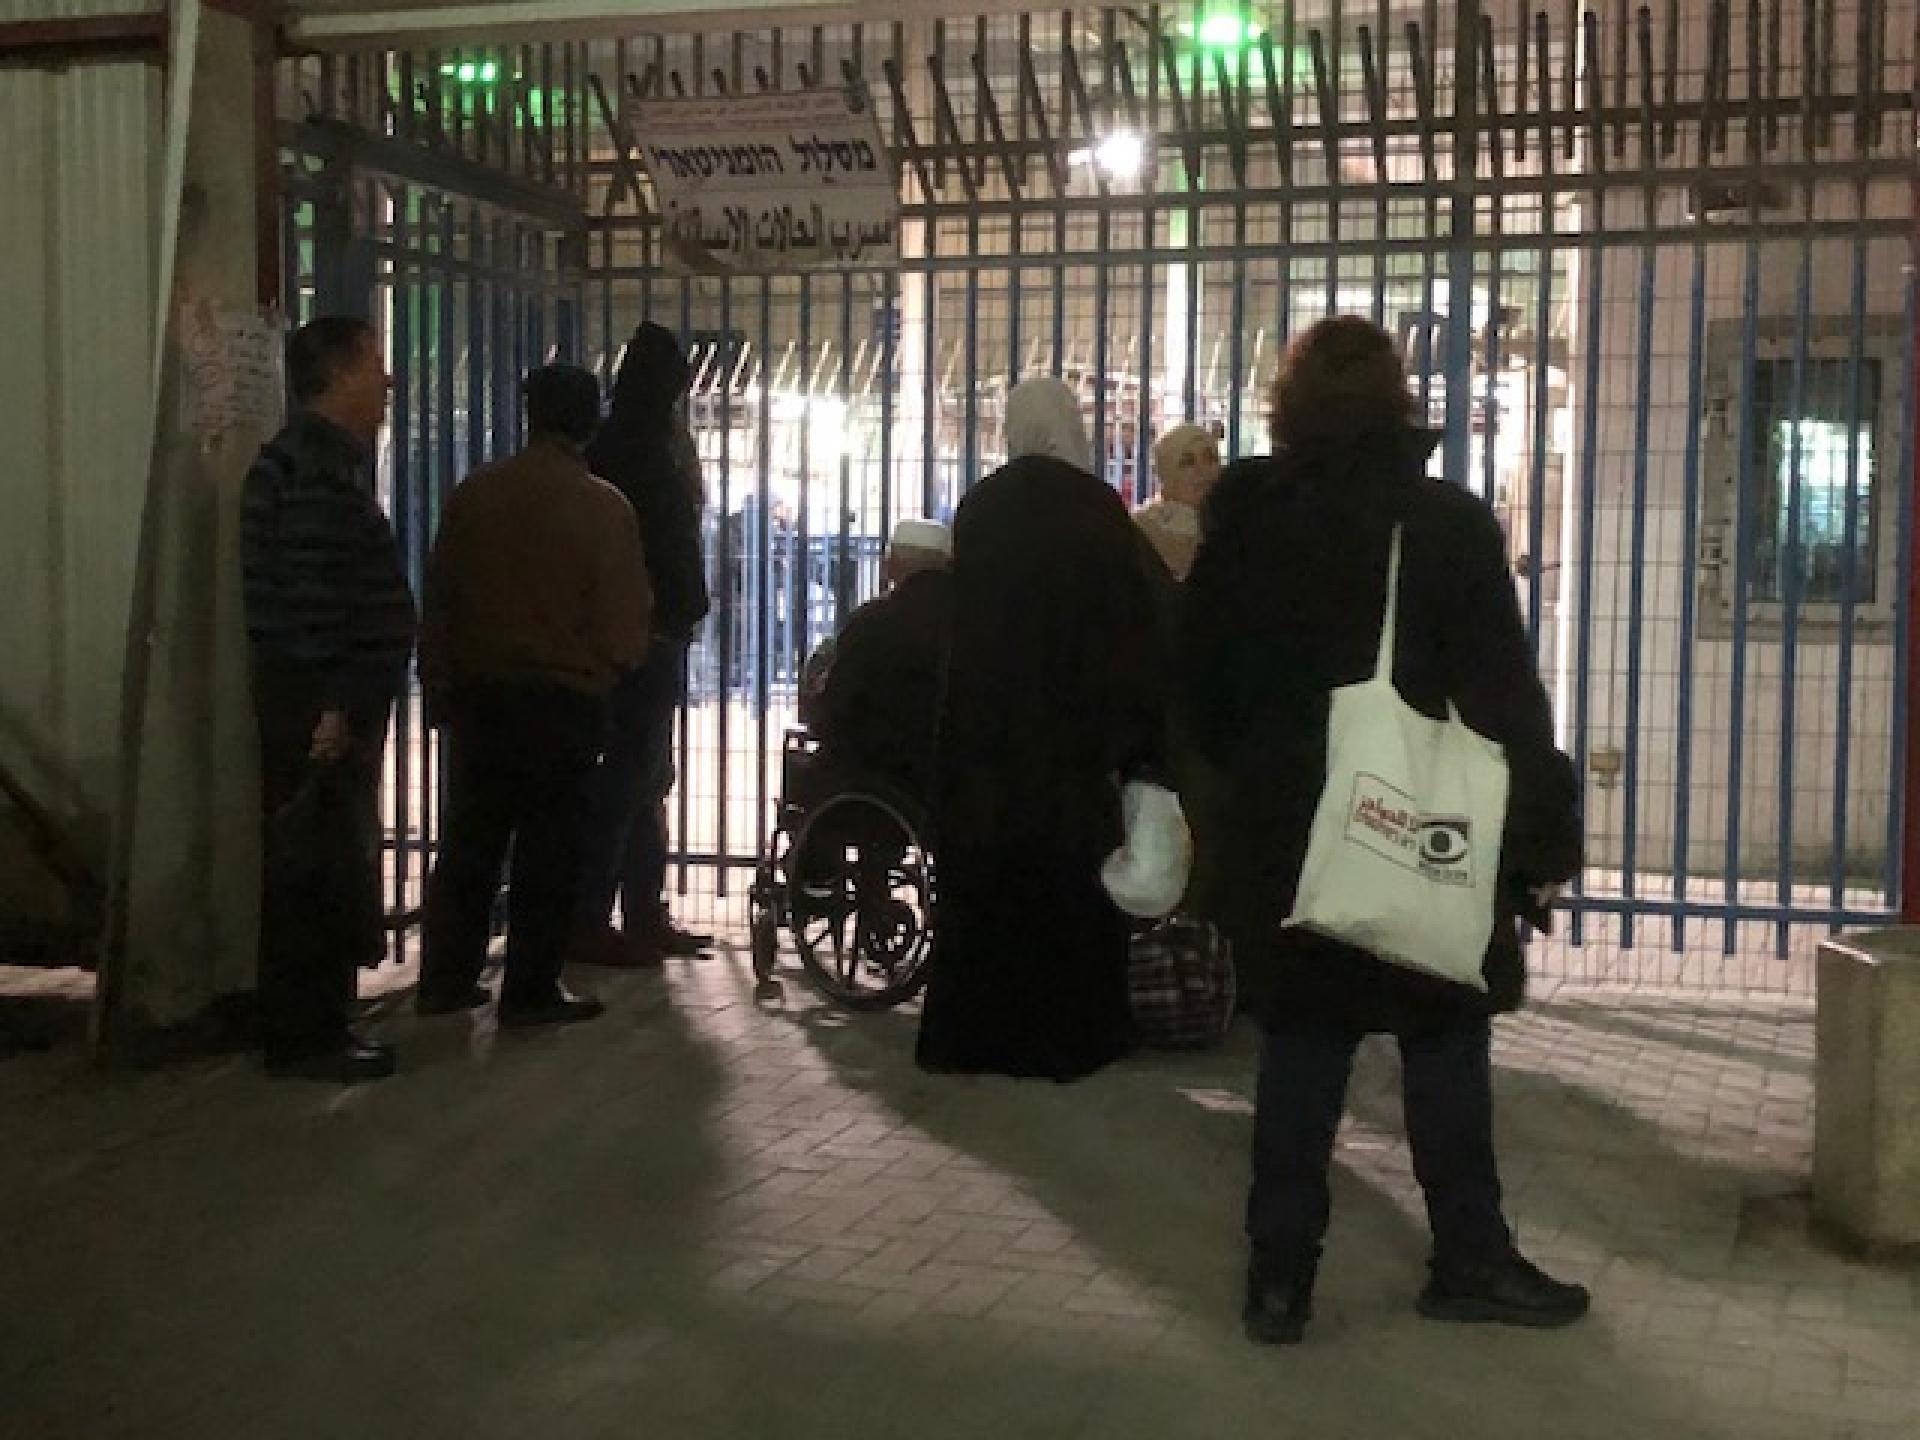 אדם בכסא גלגלים ממתין עם מלוויו לפני השער ההומניטרי